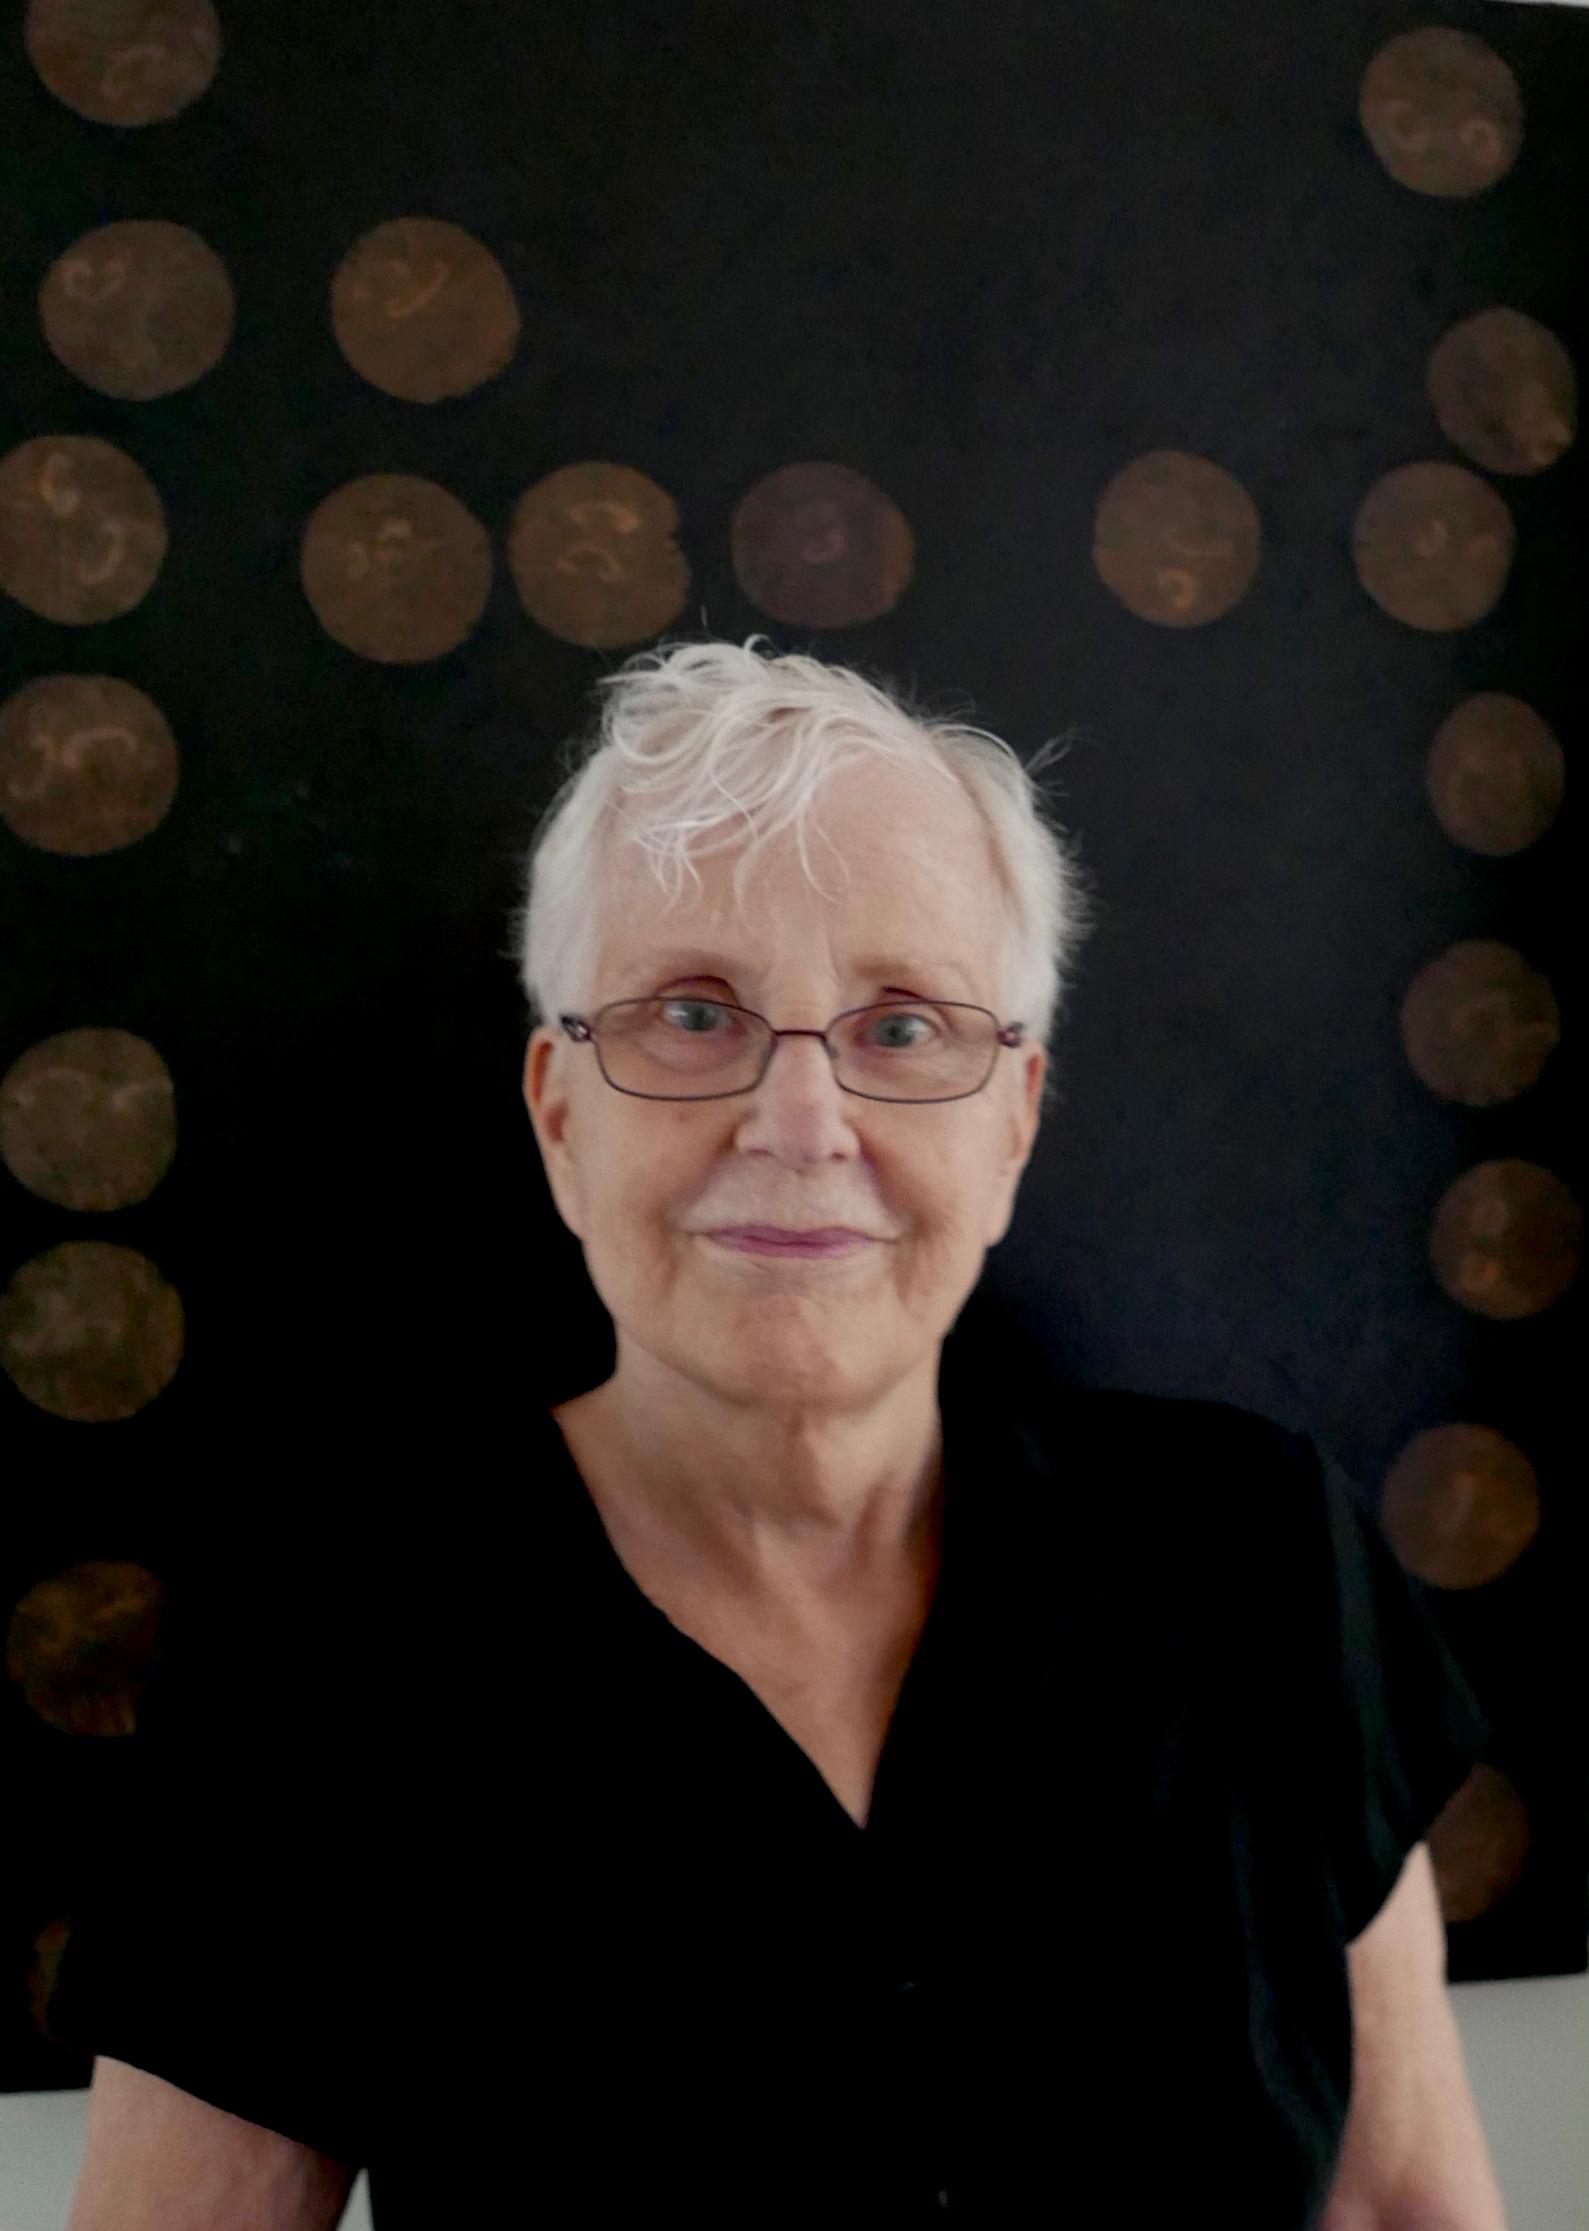 Marjorie Gaffney Marjorie Gaffney new foto